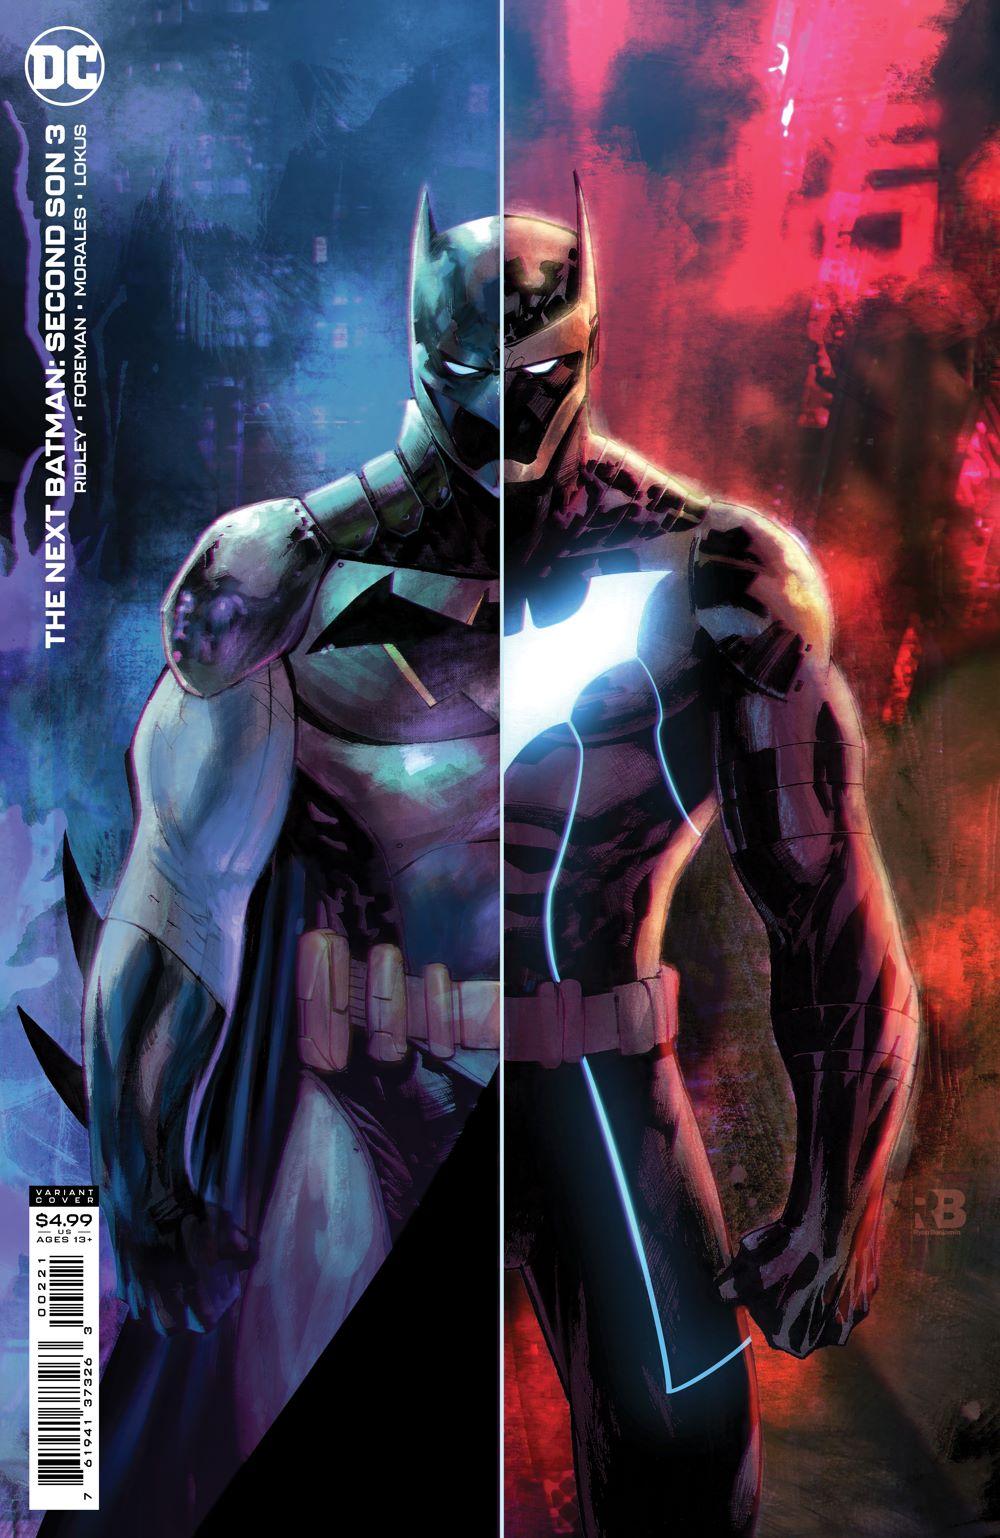 THENEXTBATMAN_SS_Cv3_var DC Comics June 2021 Solicitations